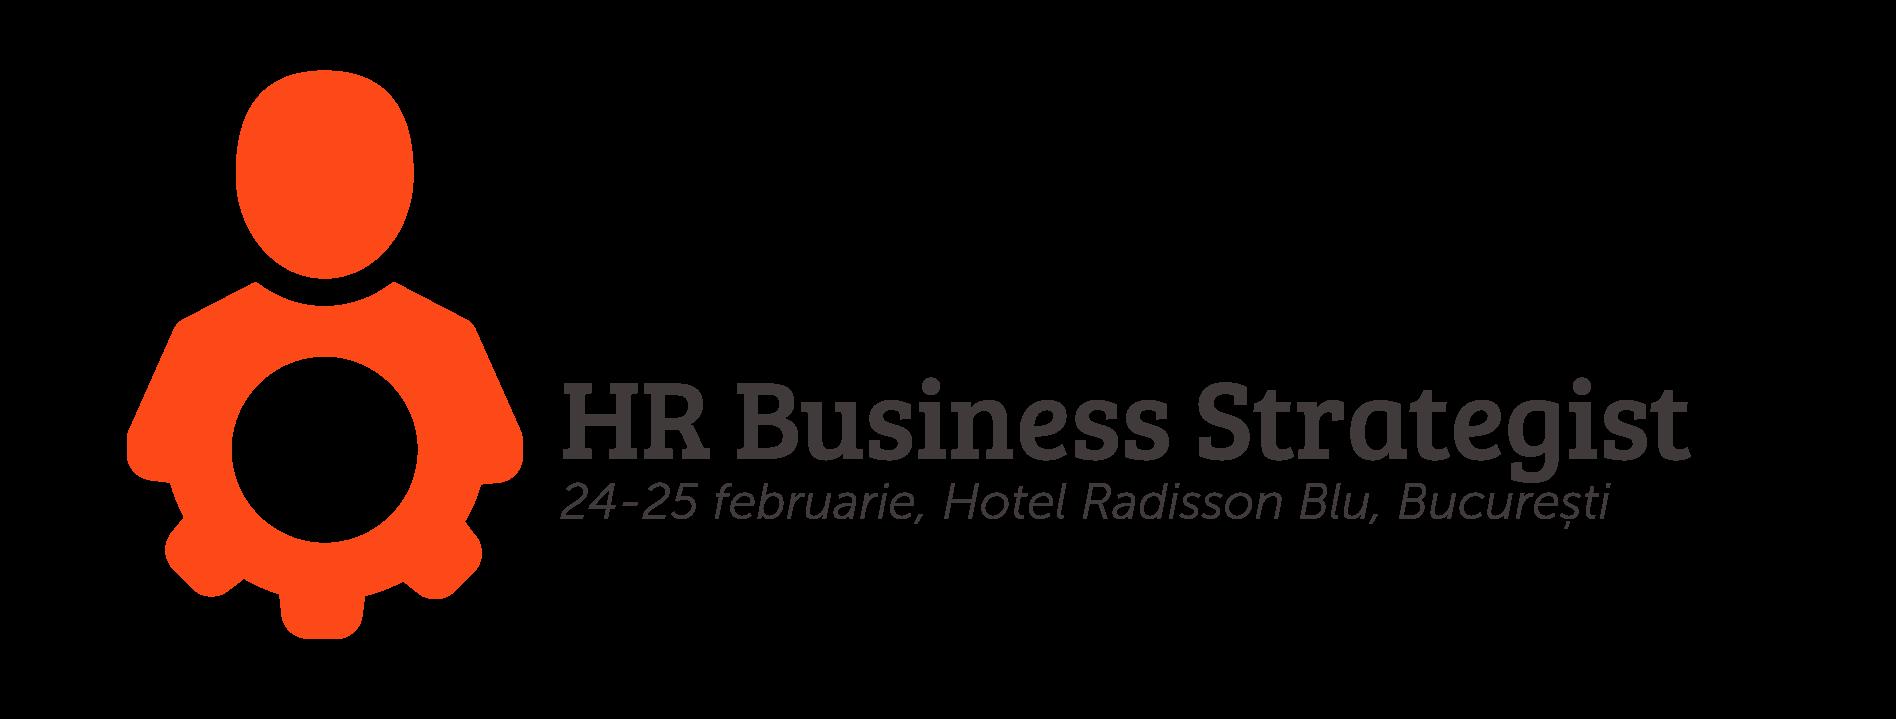 HR Business Strategist 2016